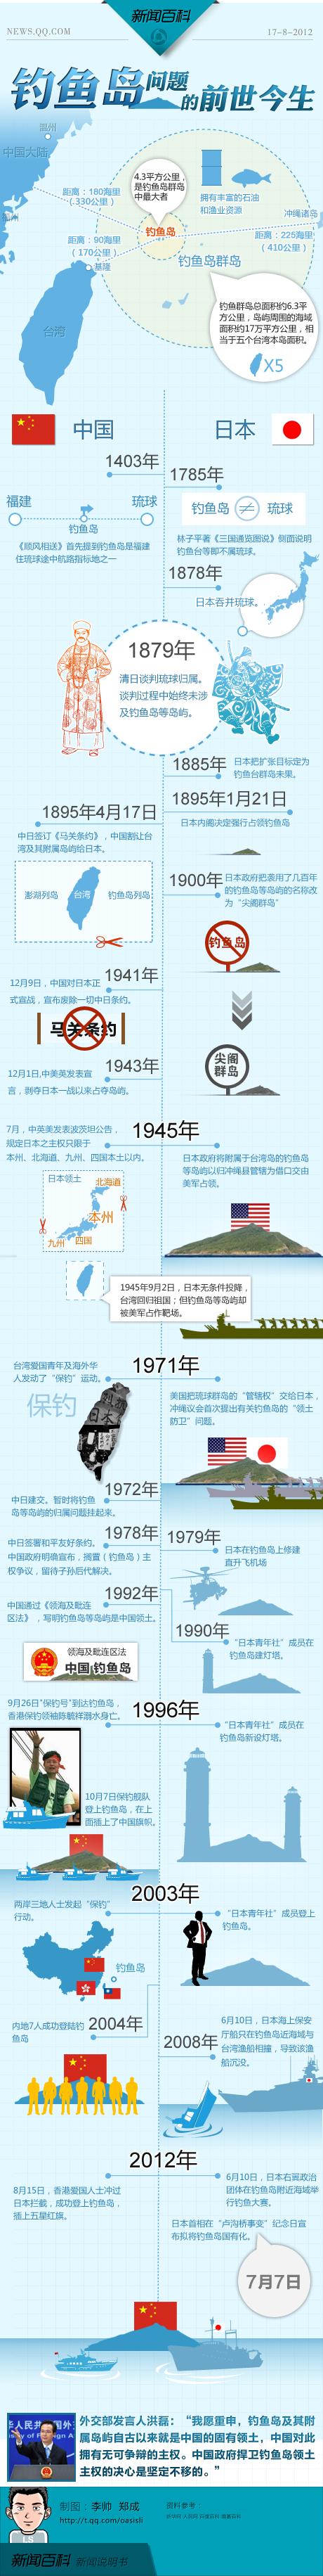 新闻百科独家图表:钓鱼岛问题的前世今生(图)